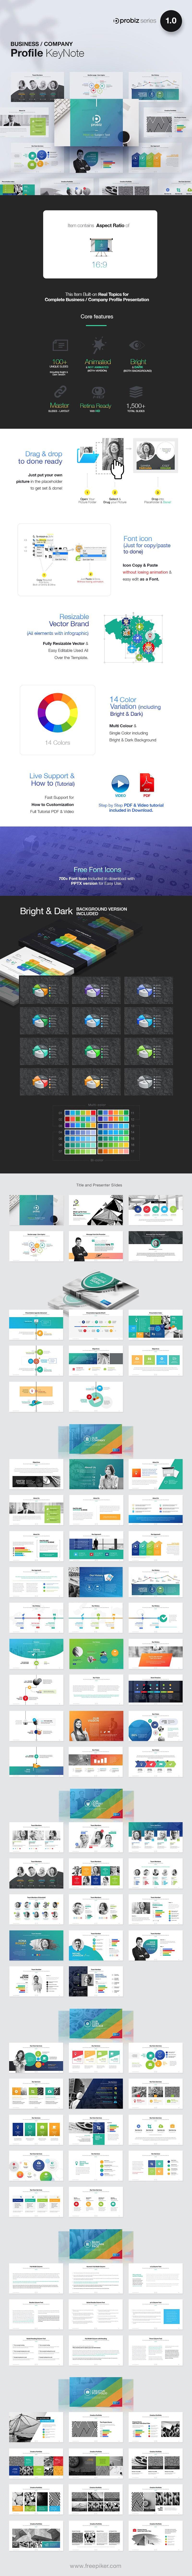 Business Profile Keynote | ProBiz 1.0